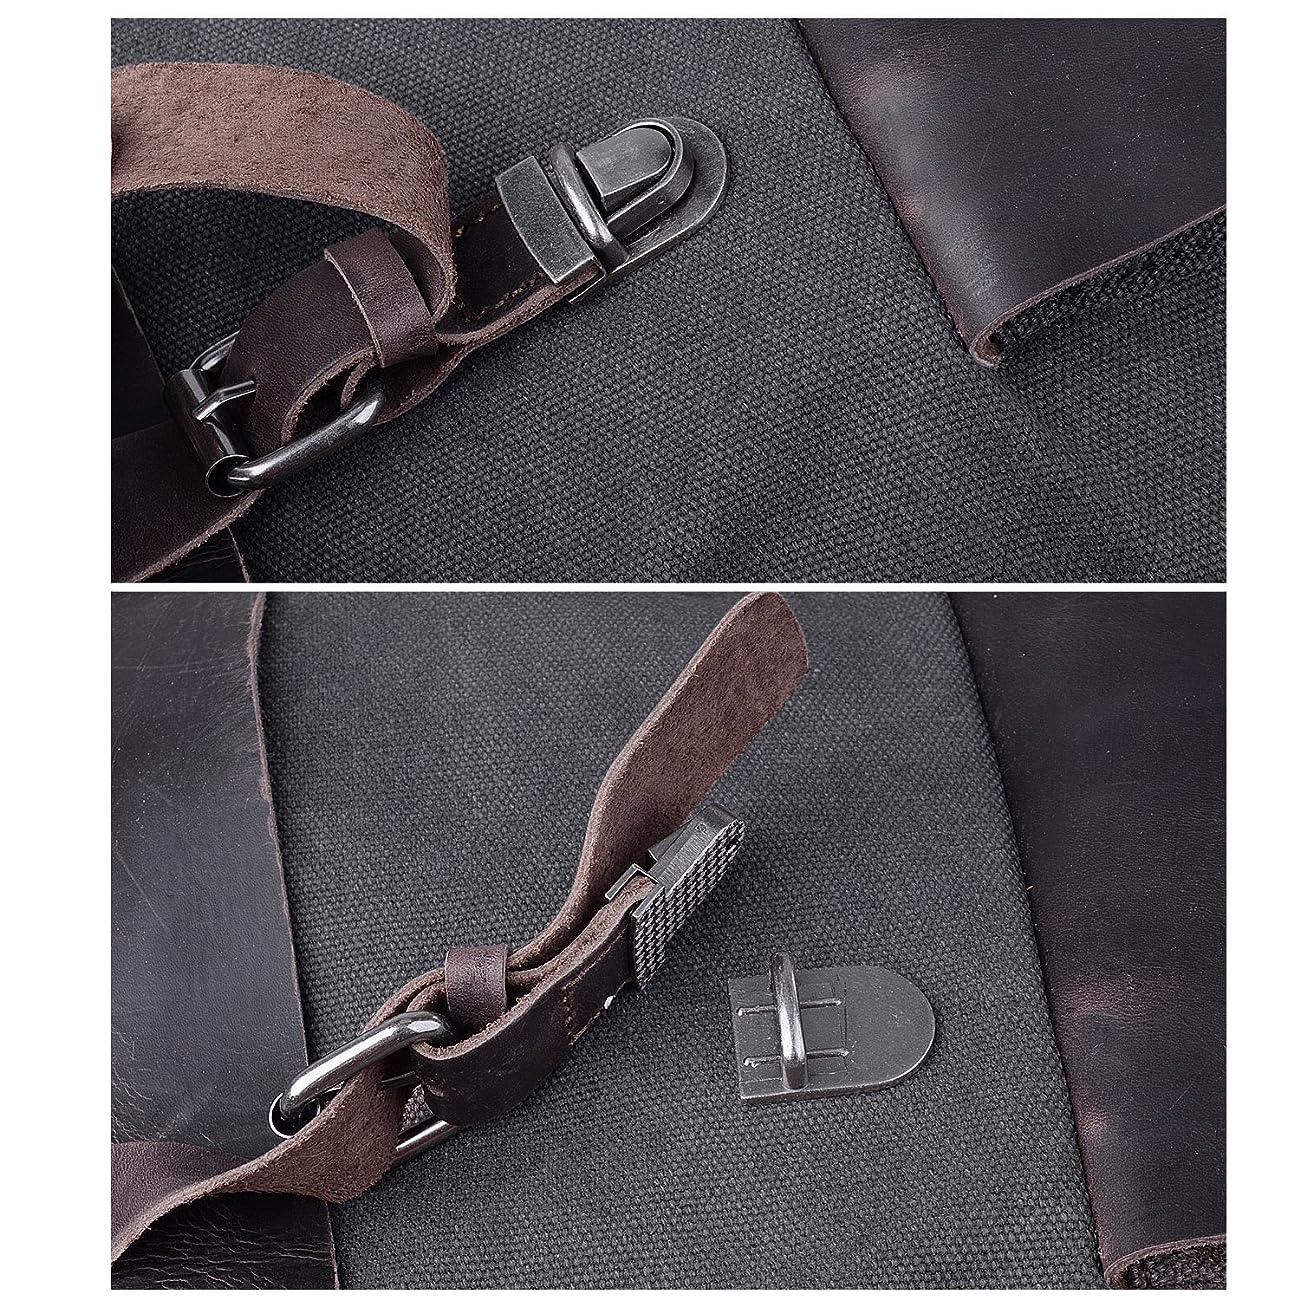 Jack&Chris Vintage Canvas Leather School Backpack Rucksack Bag Daypack,MC2166 4